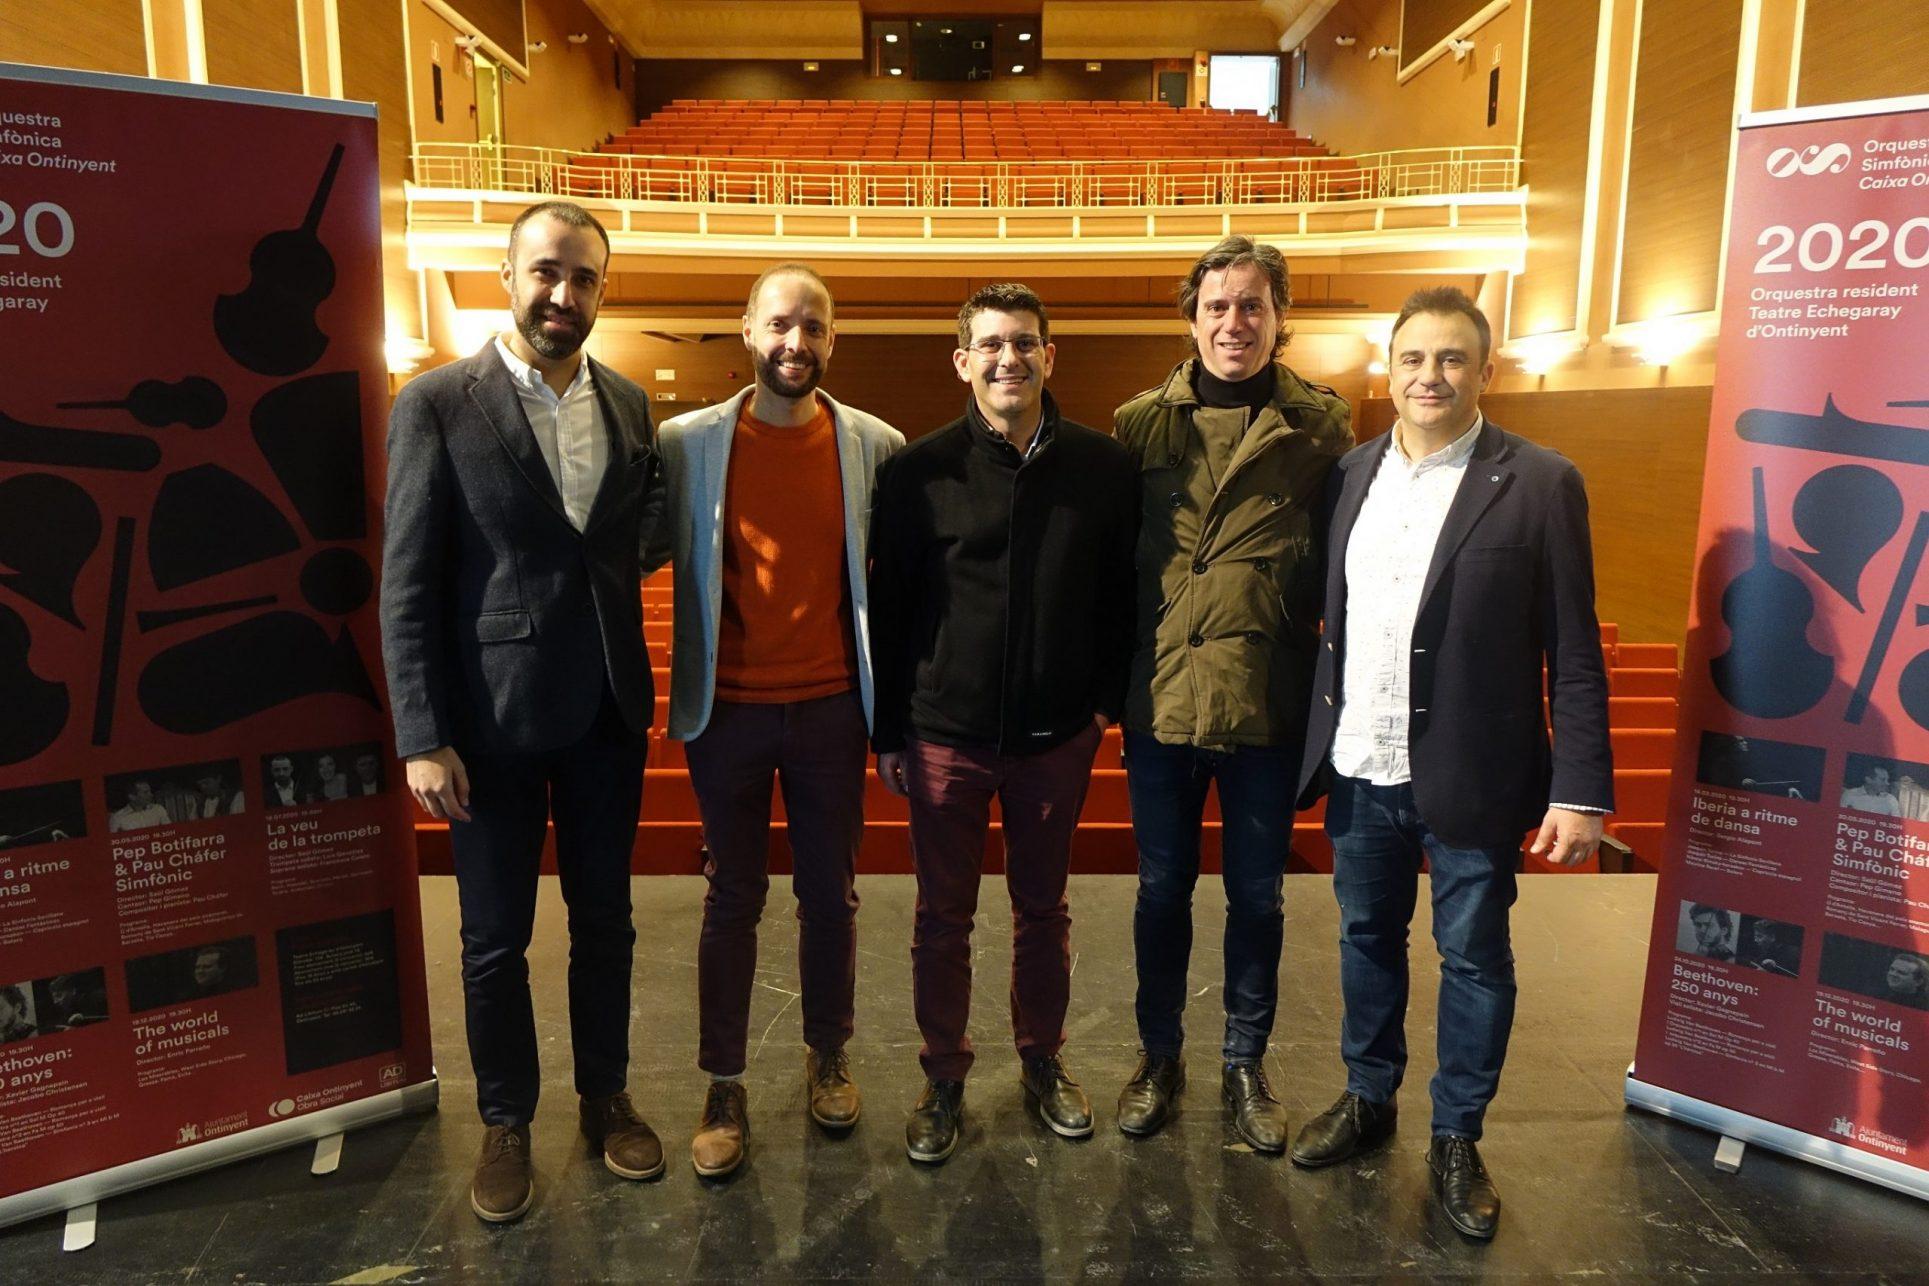 20 anys d'Orquestra Simfònica a la ciutat El Periòdic d'Ontinyent